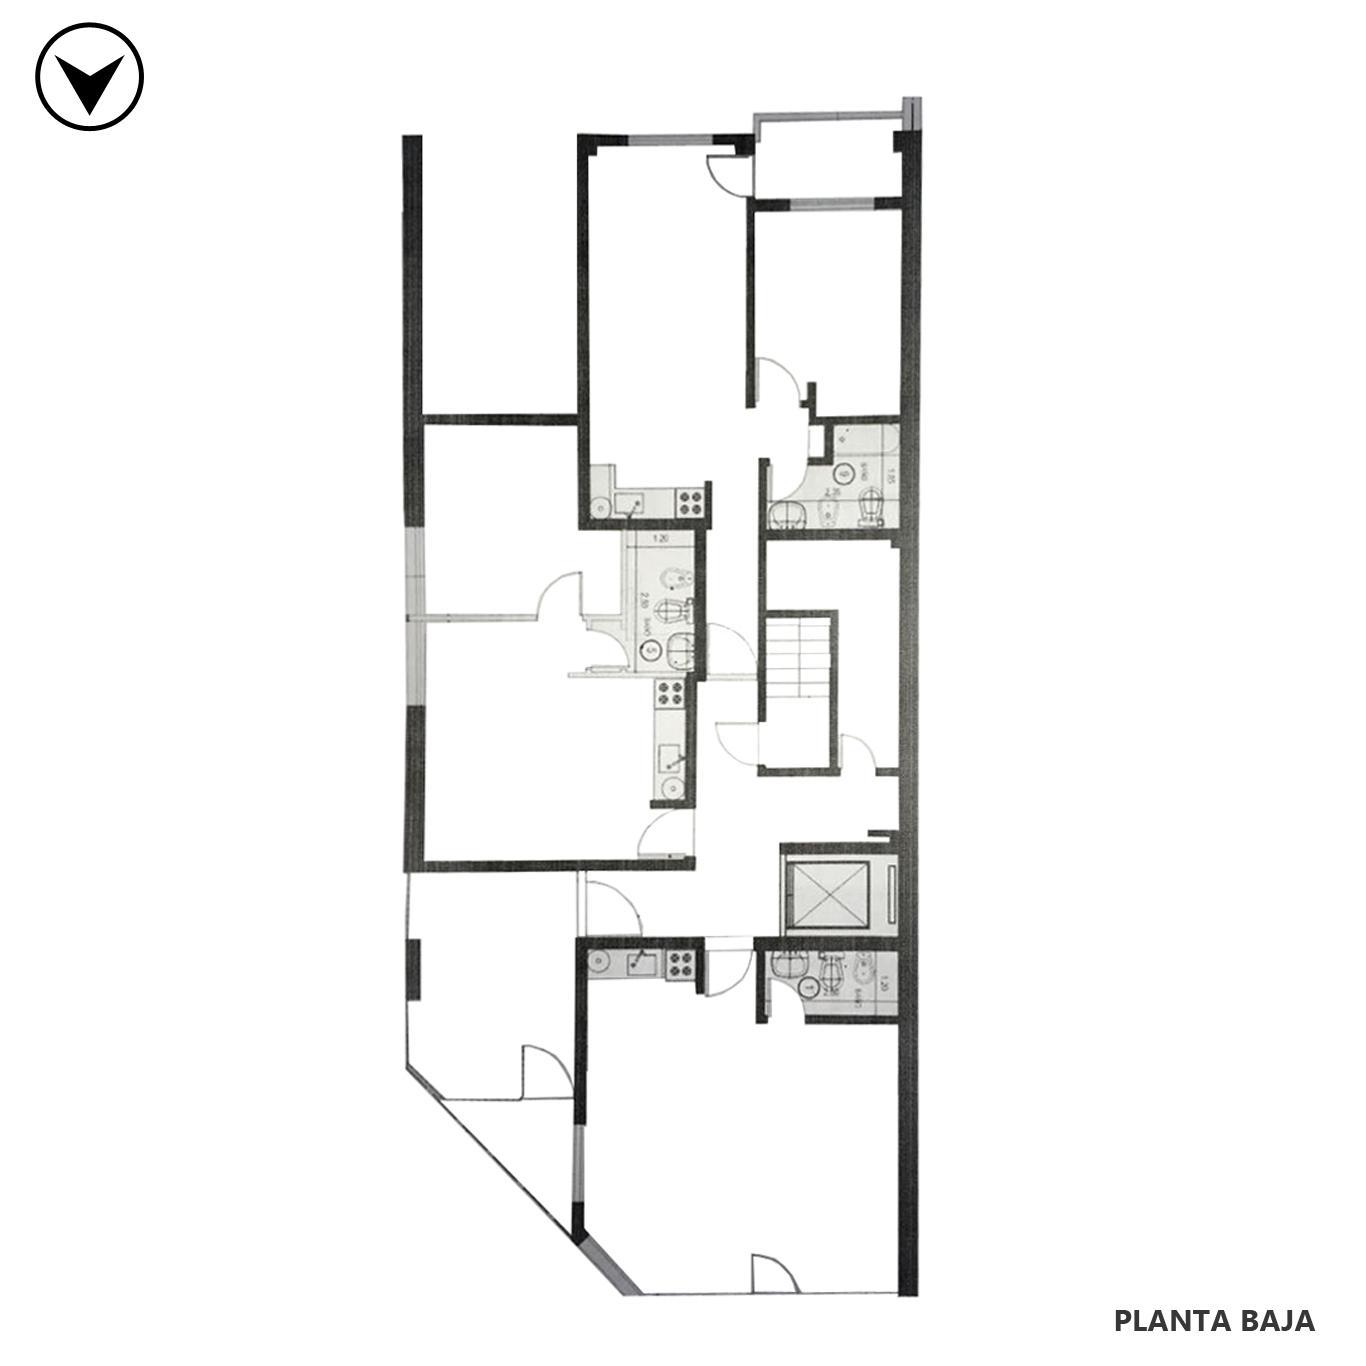 Venta departamento 1 dormitorio Rosario, Luis Agote. Cod CBU25351 AP2354656. Crestale Propiedades